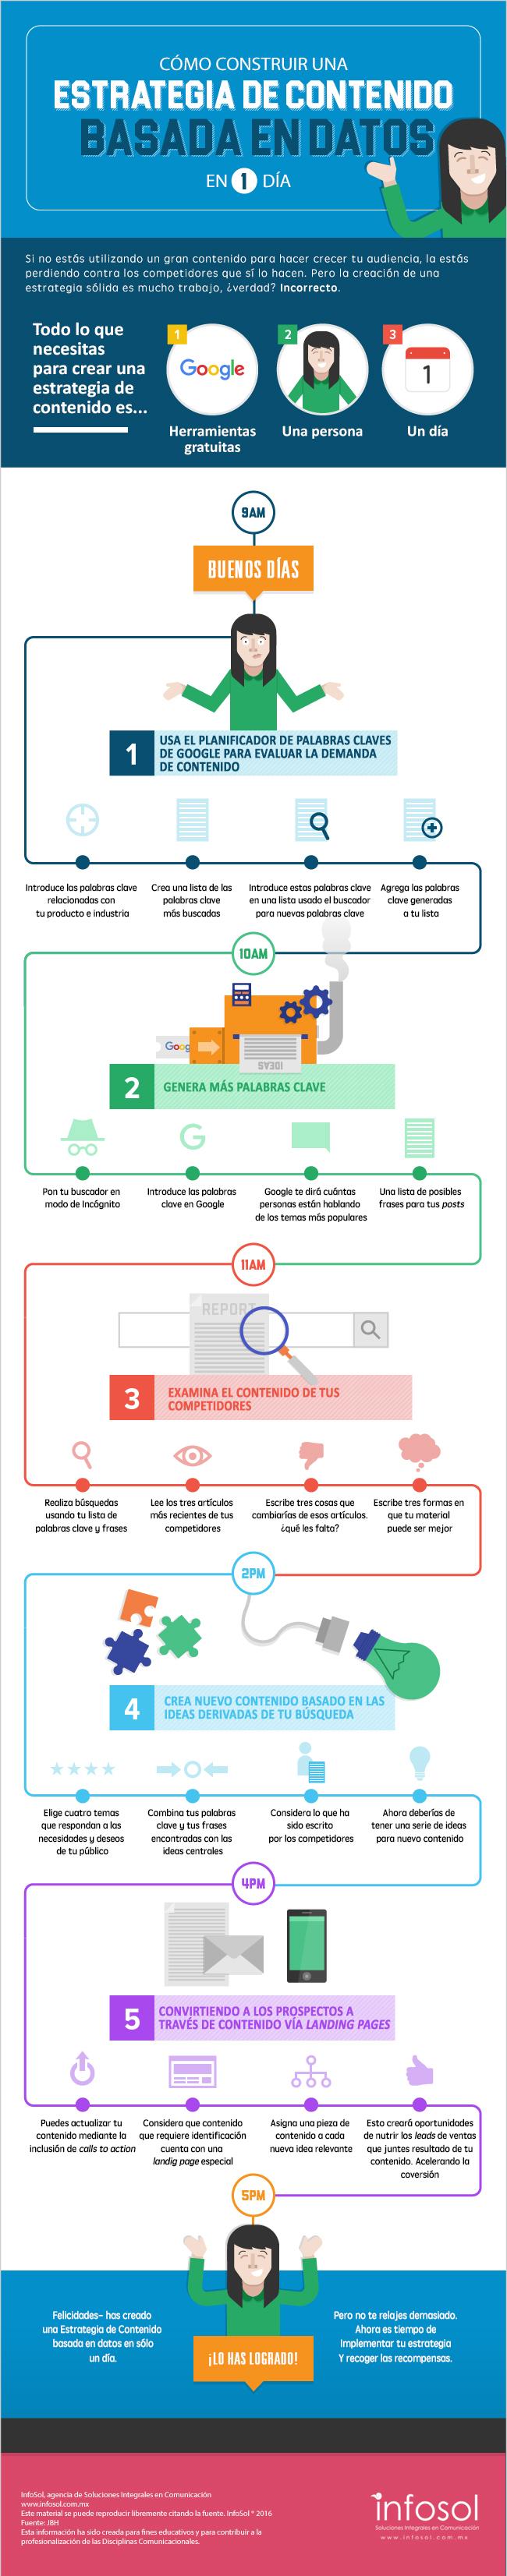 Cómo construir una estrategía de contenidos basada en datos en 1 día